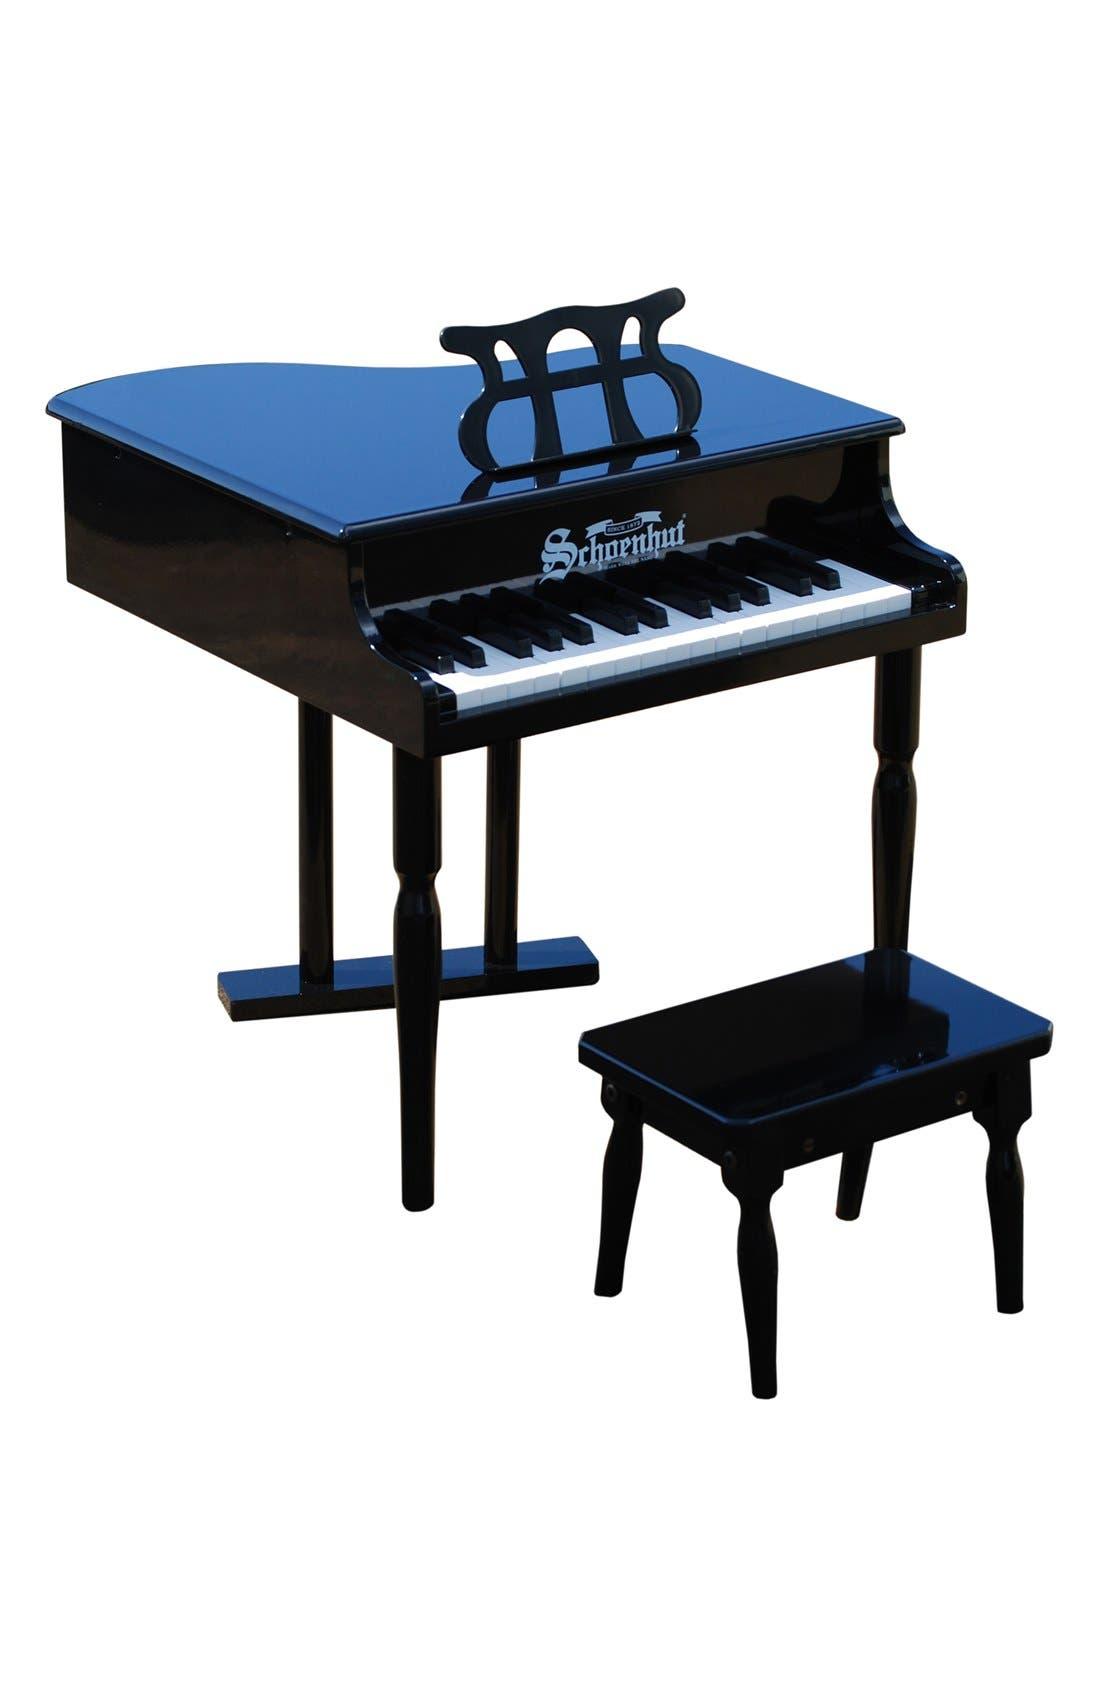 Schoenhut 'Classic' Baby Grand Piano